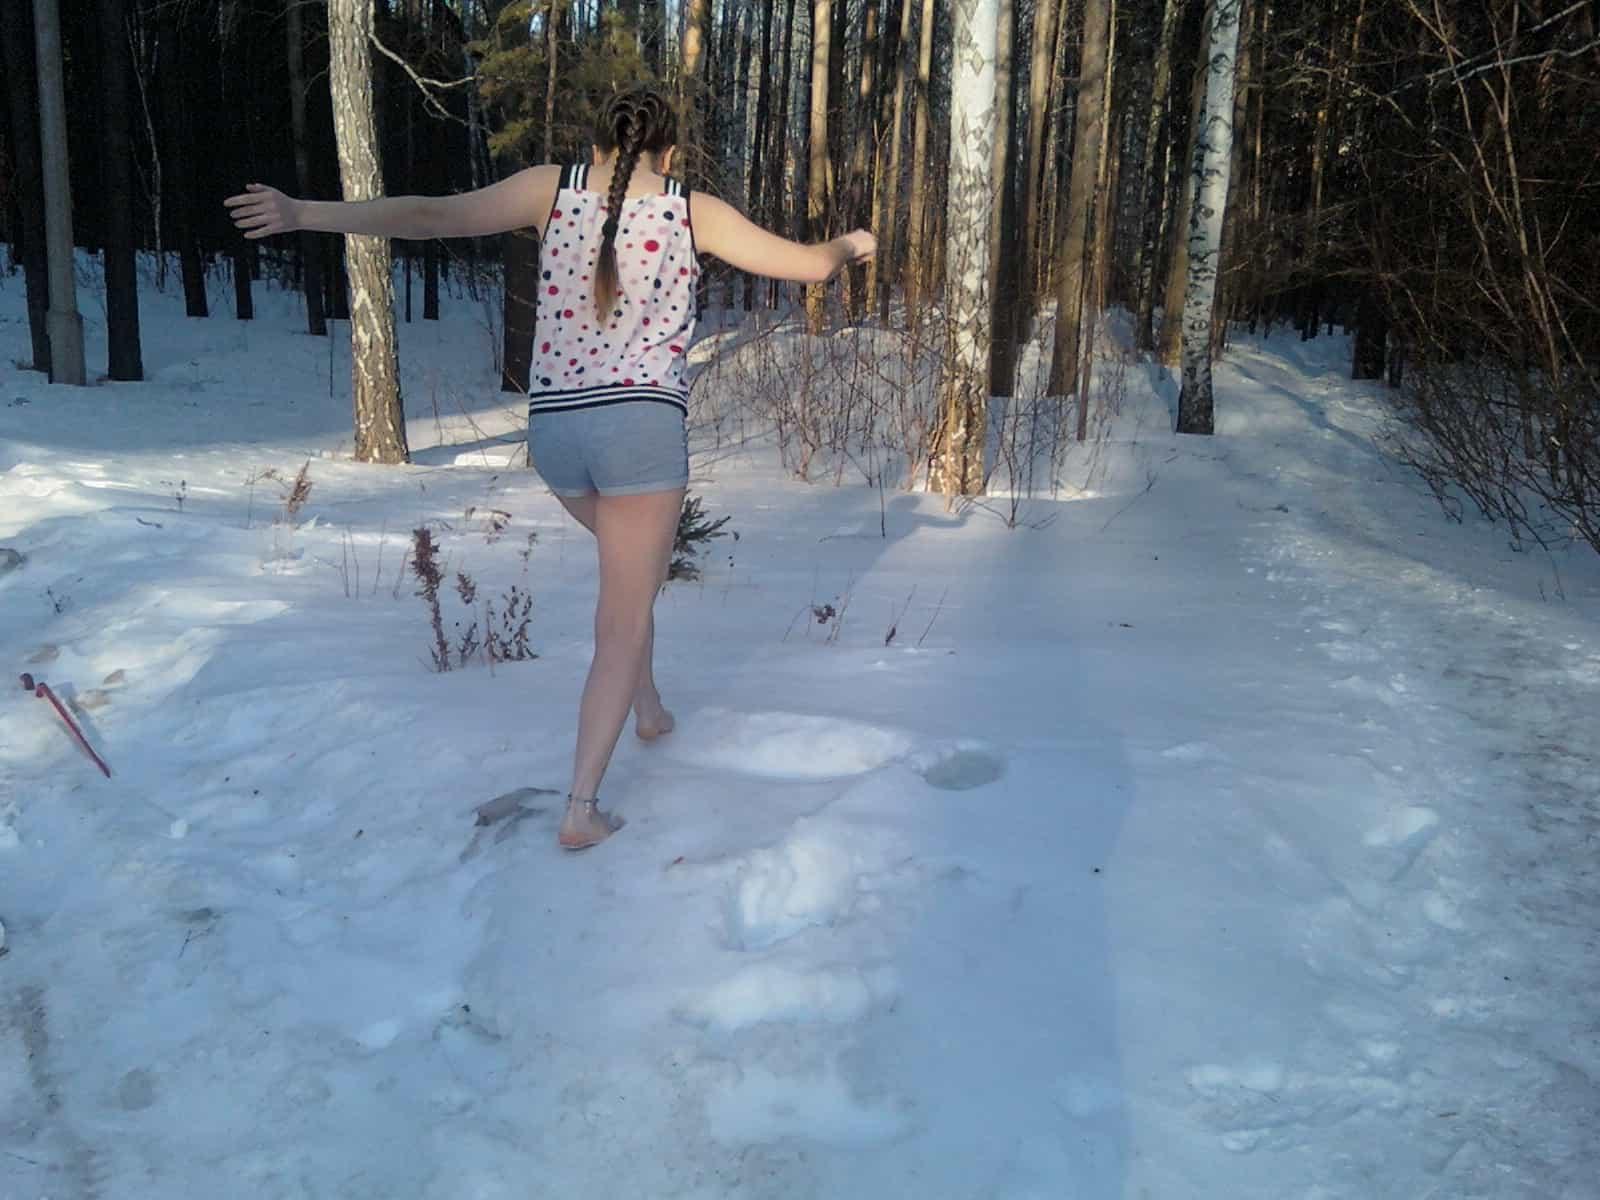 К чему снится бегать босиком по снегу